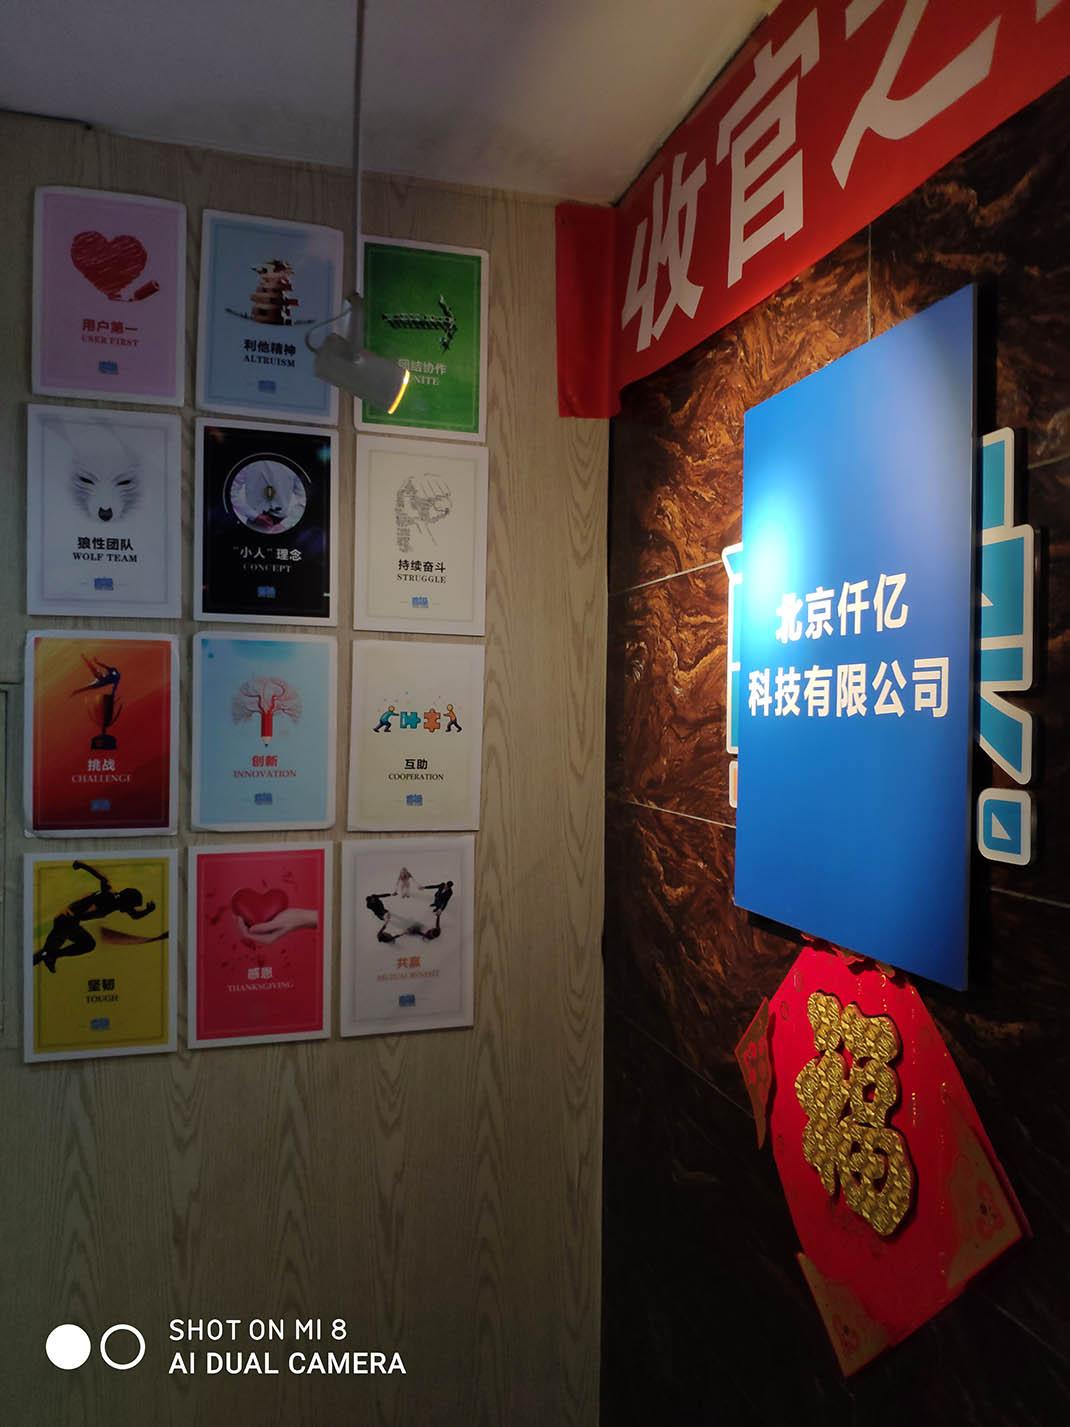 北京仟亿科技有限公司-007.jpg